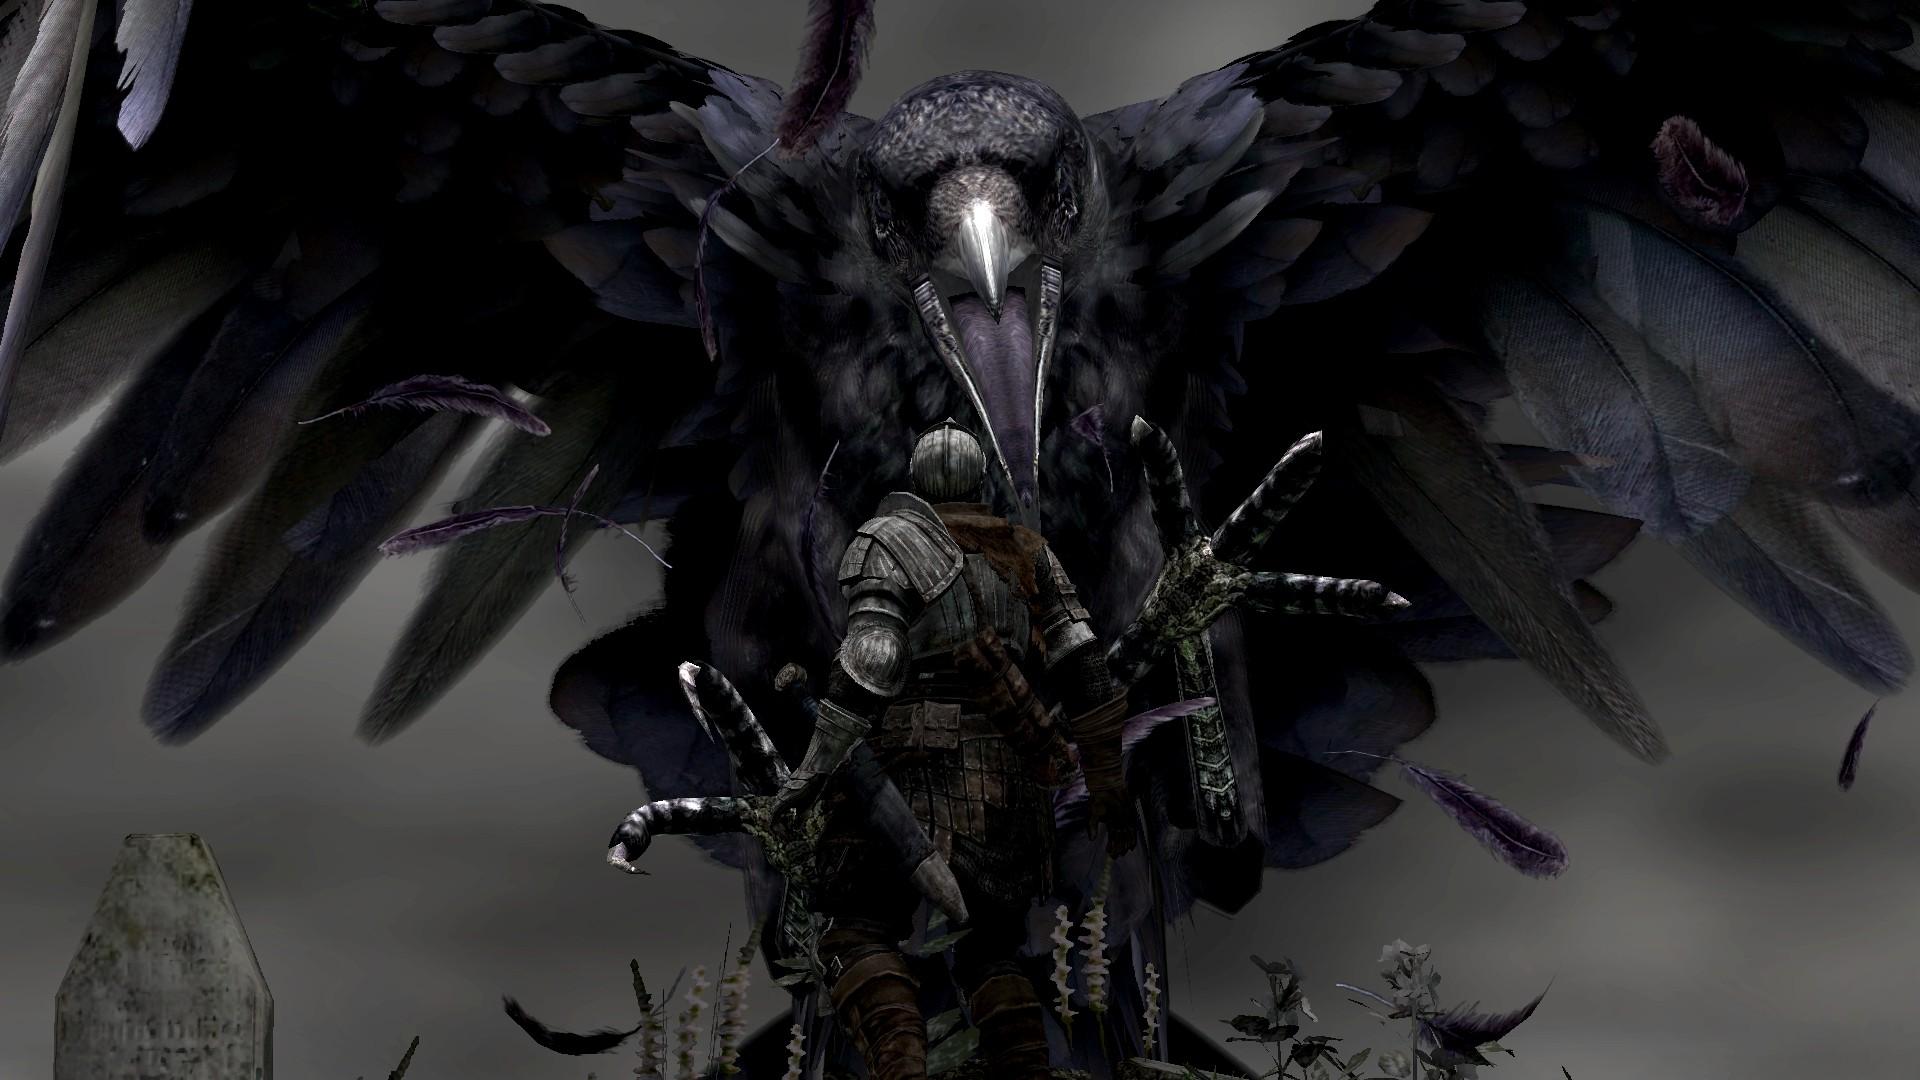 Wallpapers dark giant fantasy art grab digital art Dark Souls 1920x1080